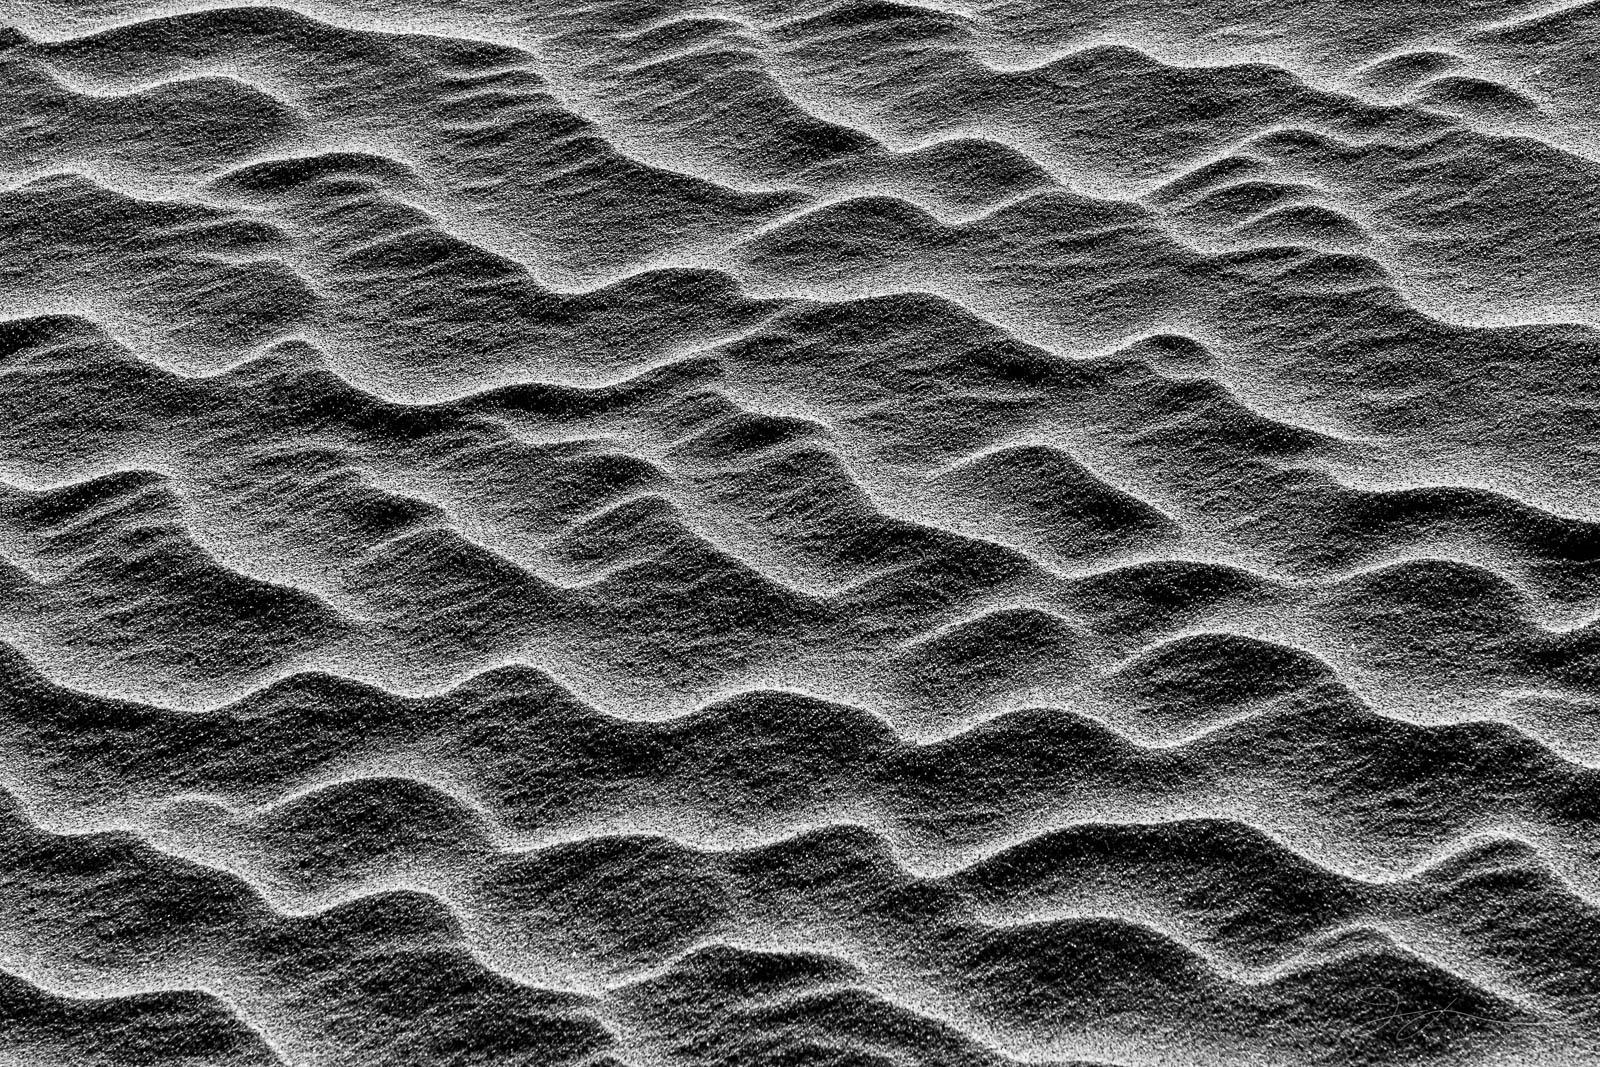 Sand patterns wave across the desert floor.